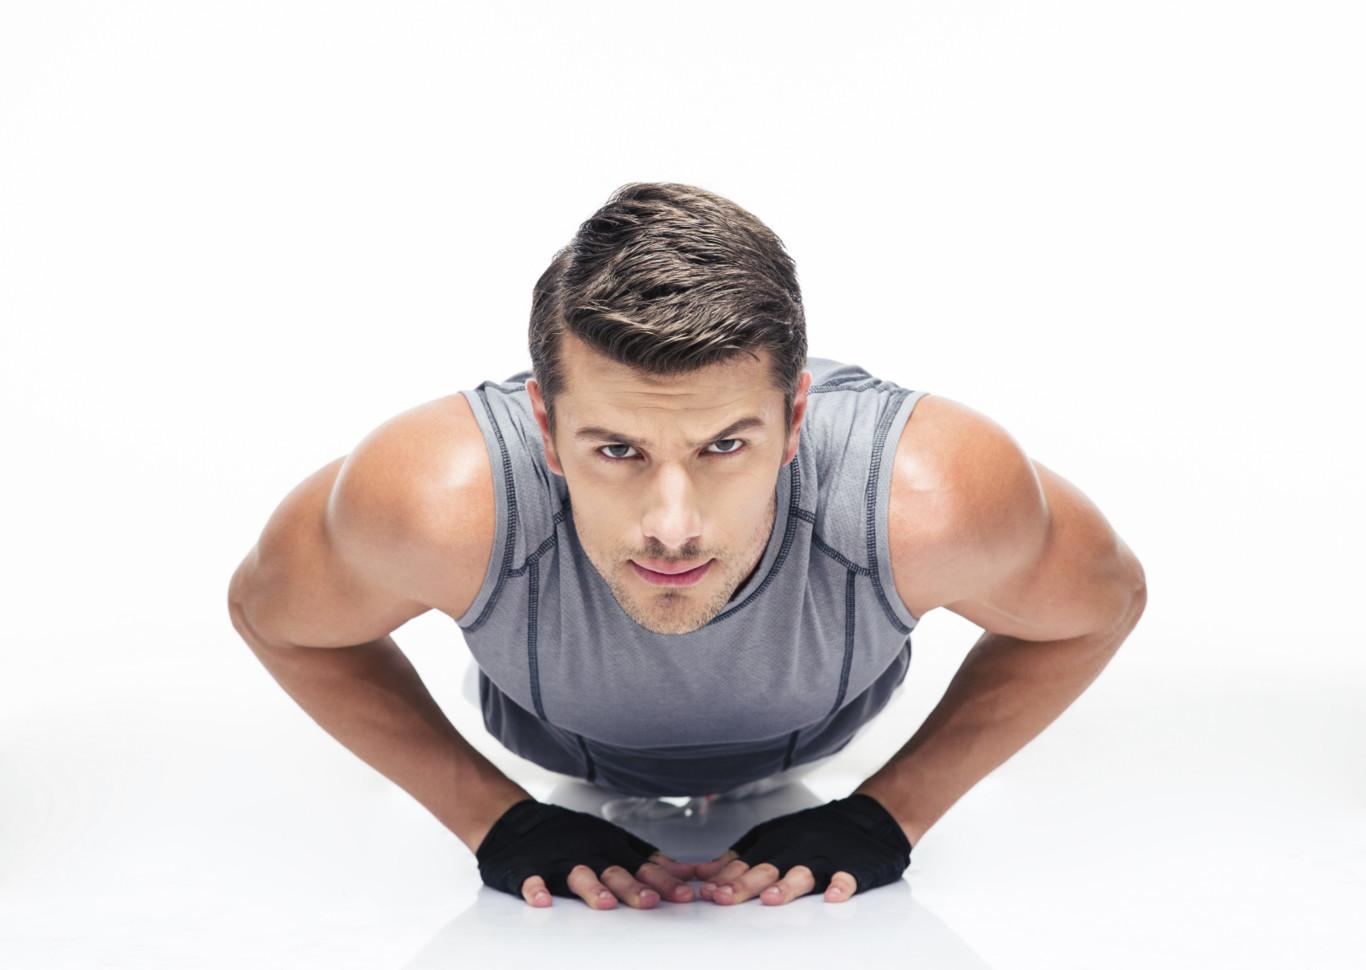 entrenar todo el cuerpo el mismo dia